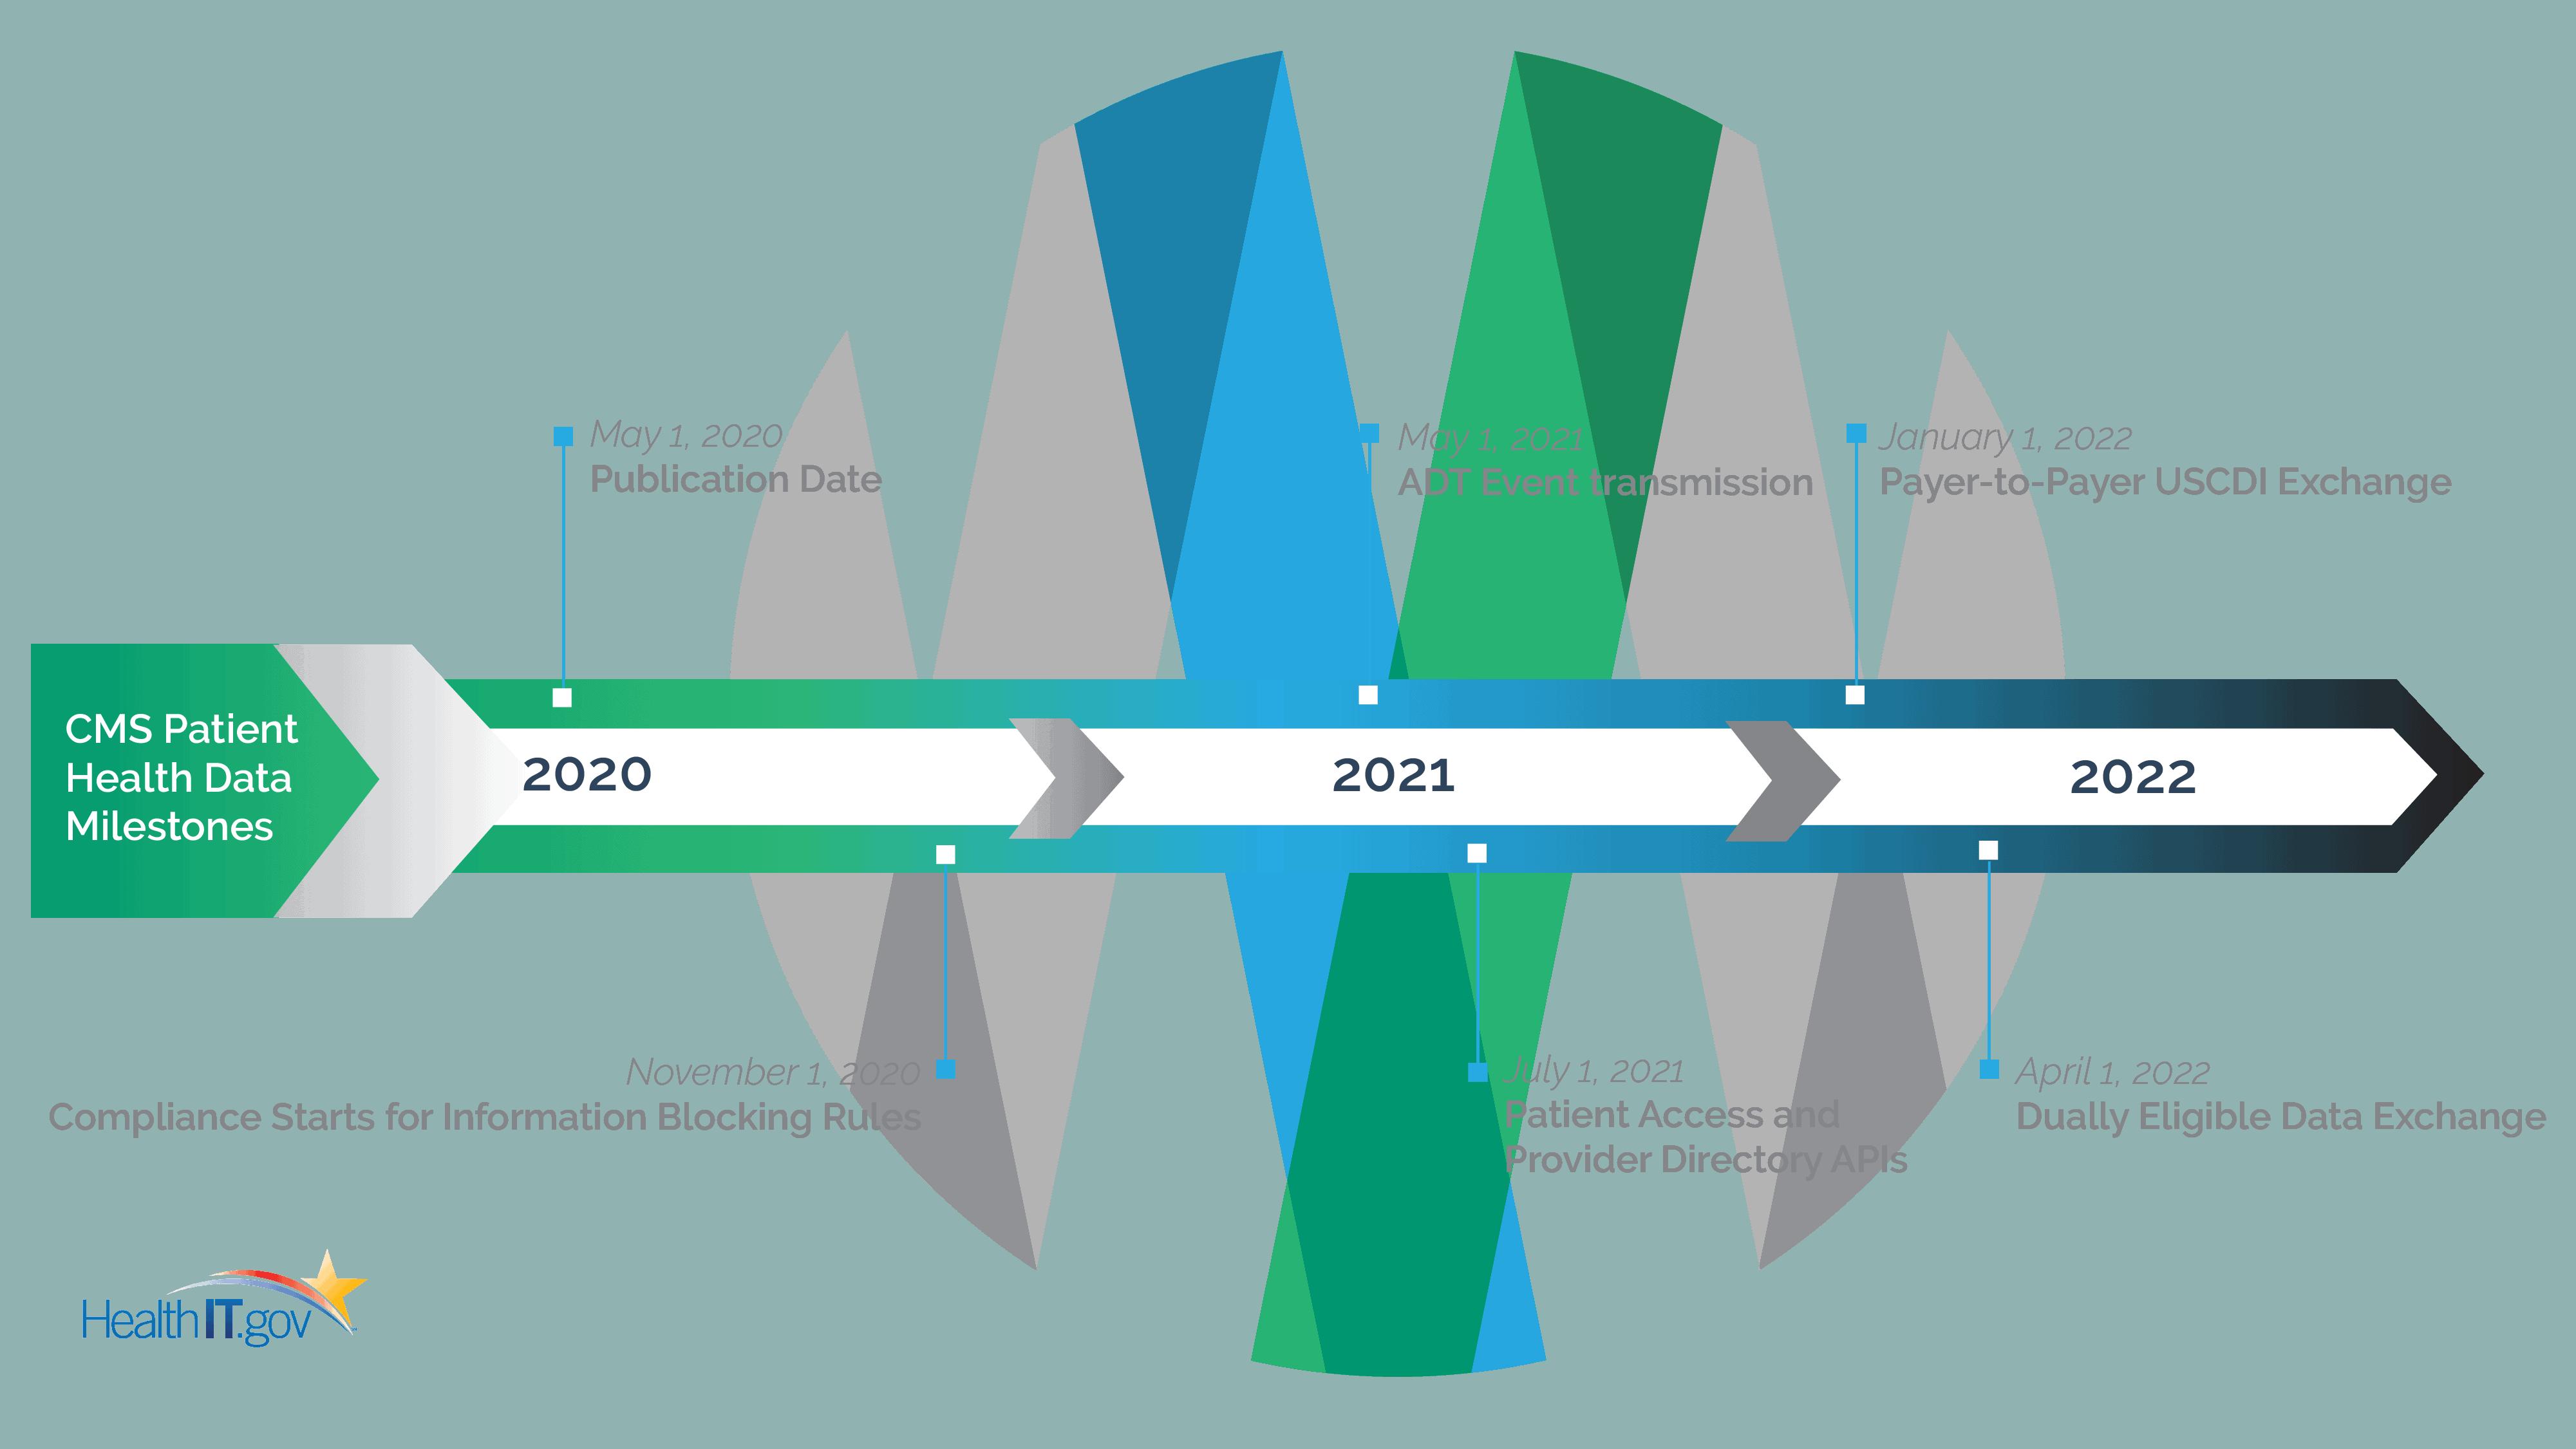 CMS Regulation Milestones